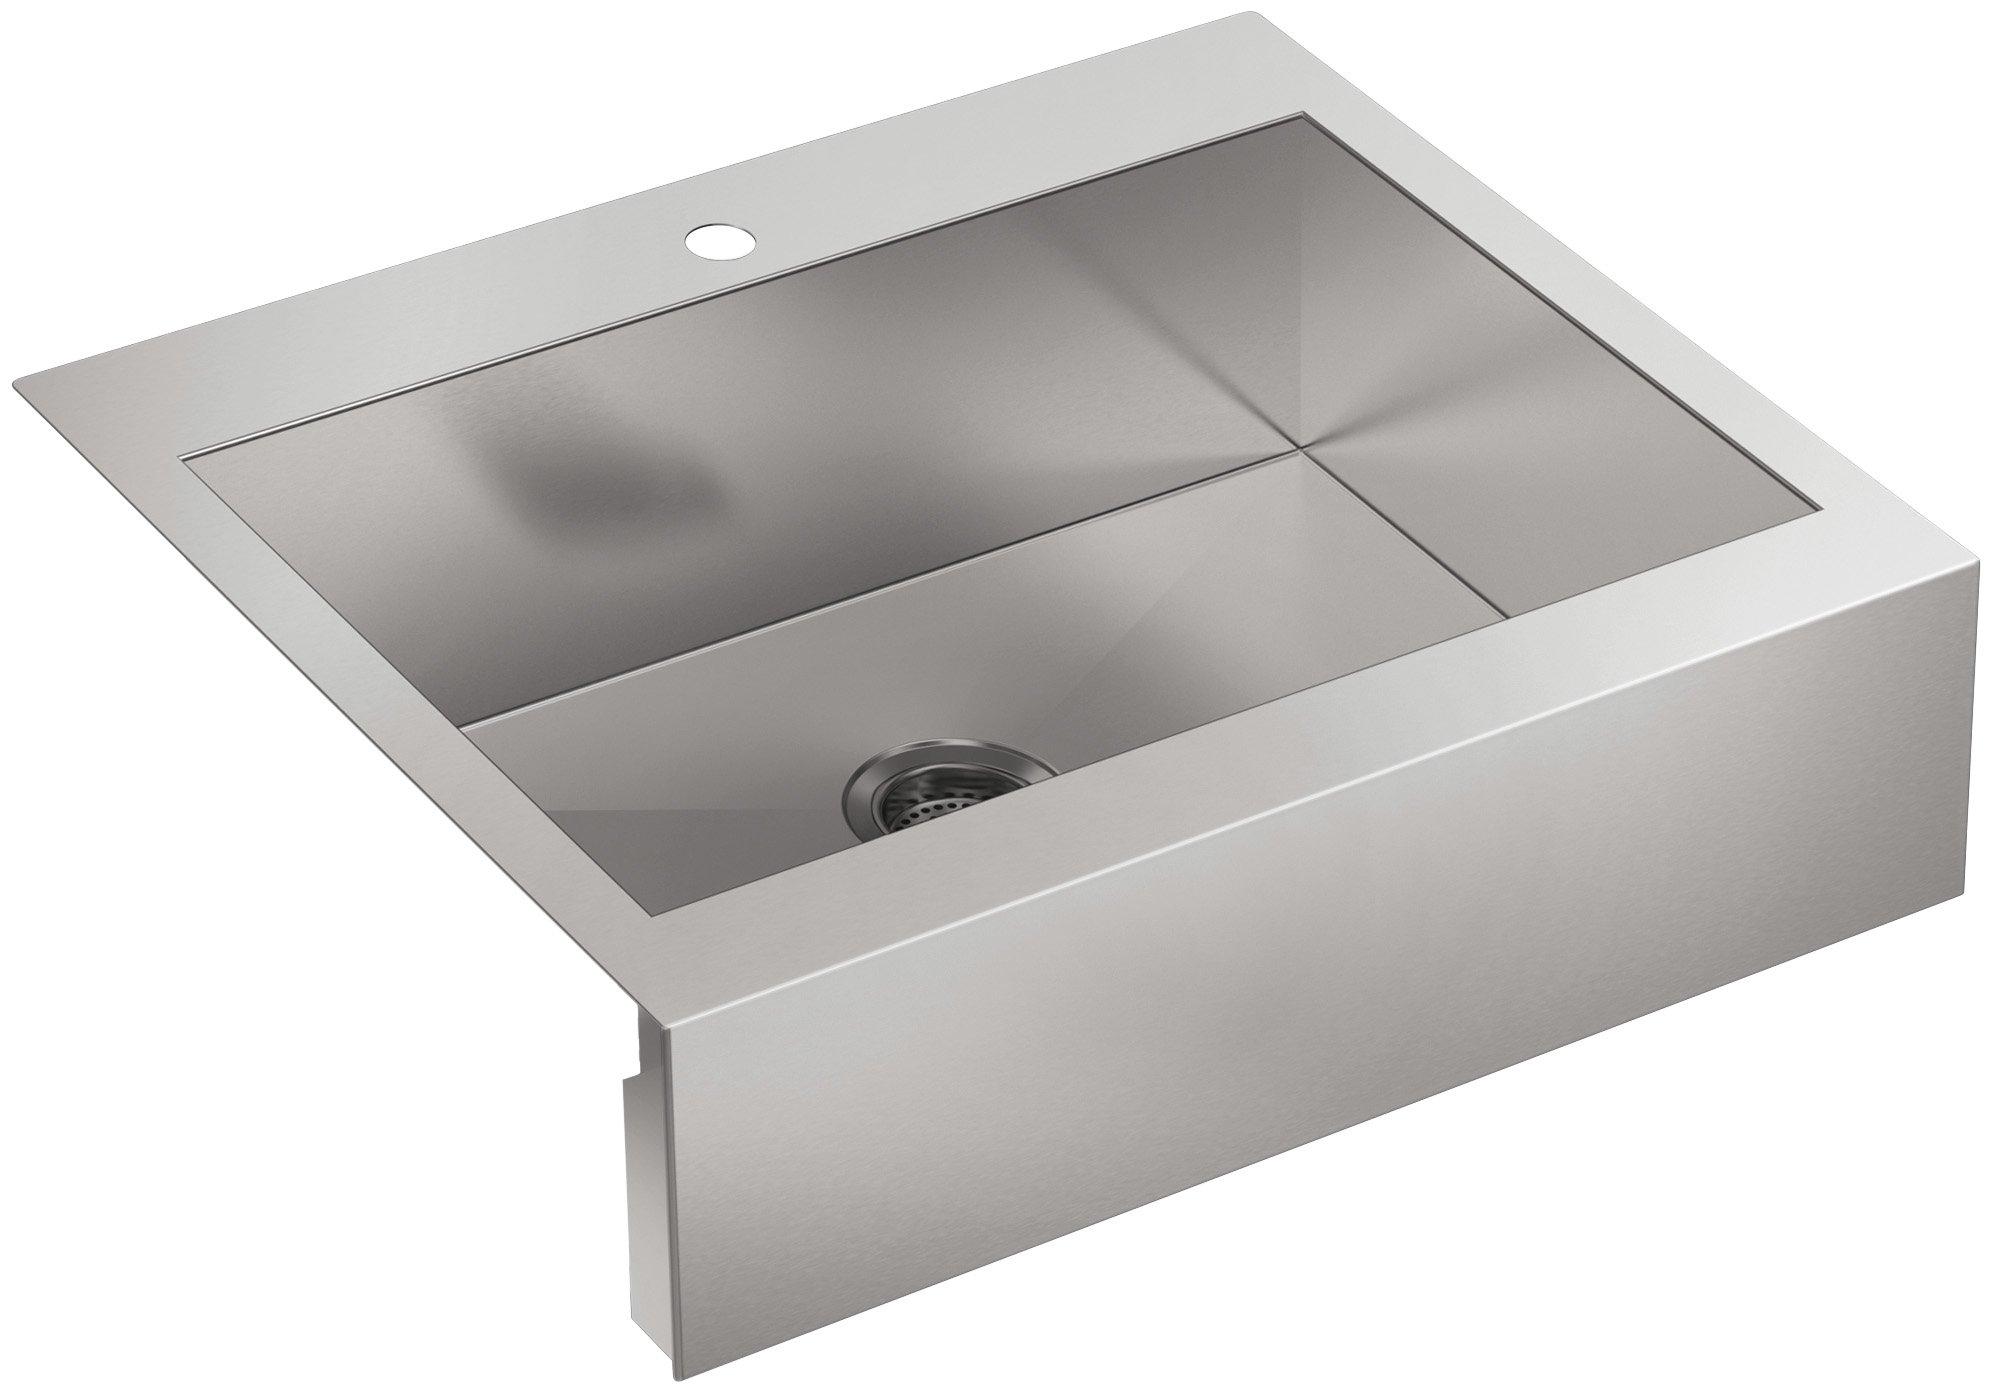 Kohler K-3935-1-Na Single Hole Stainless Steel Sink With Shortened Apron-Fron.. 4